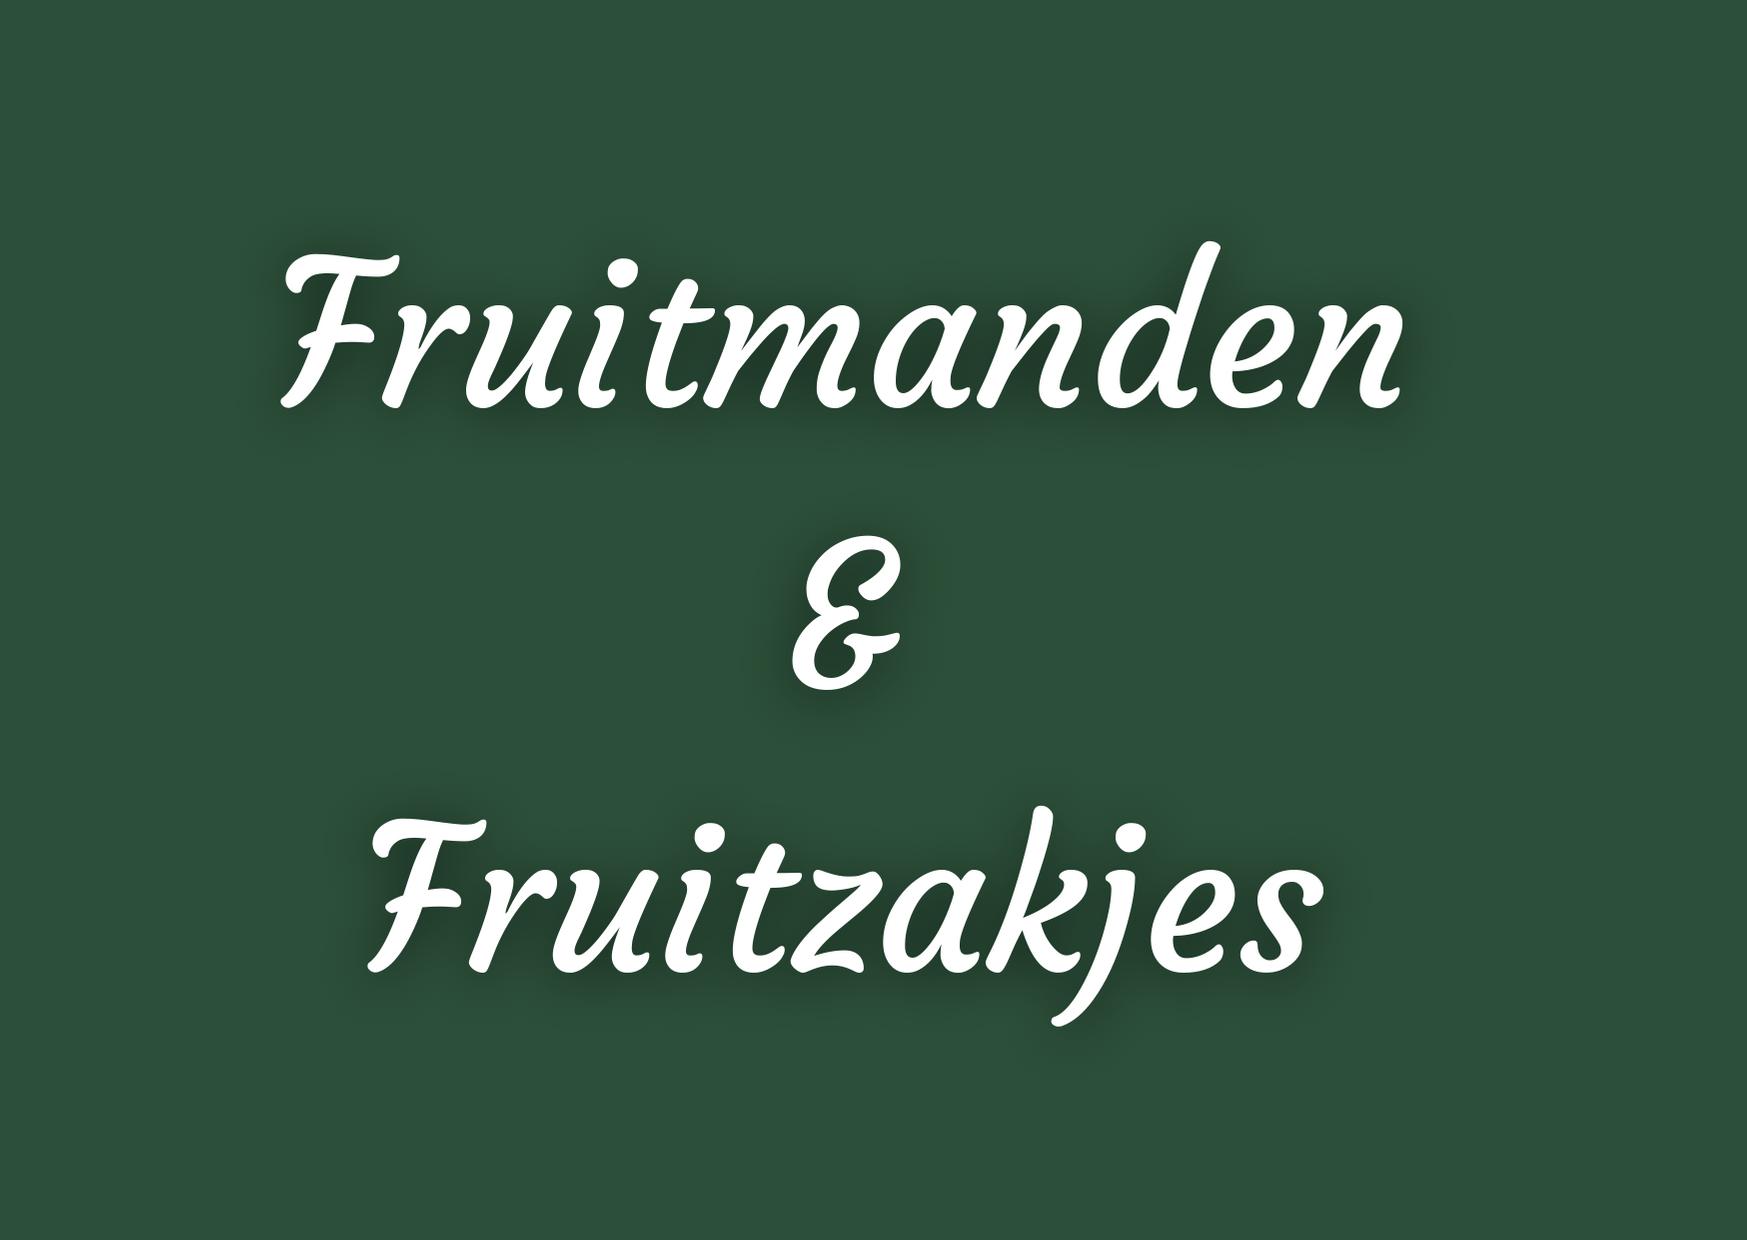 Fruitmanden & fruitzakjes